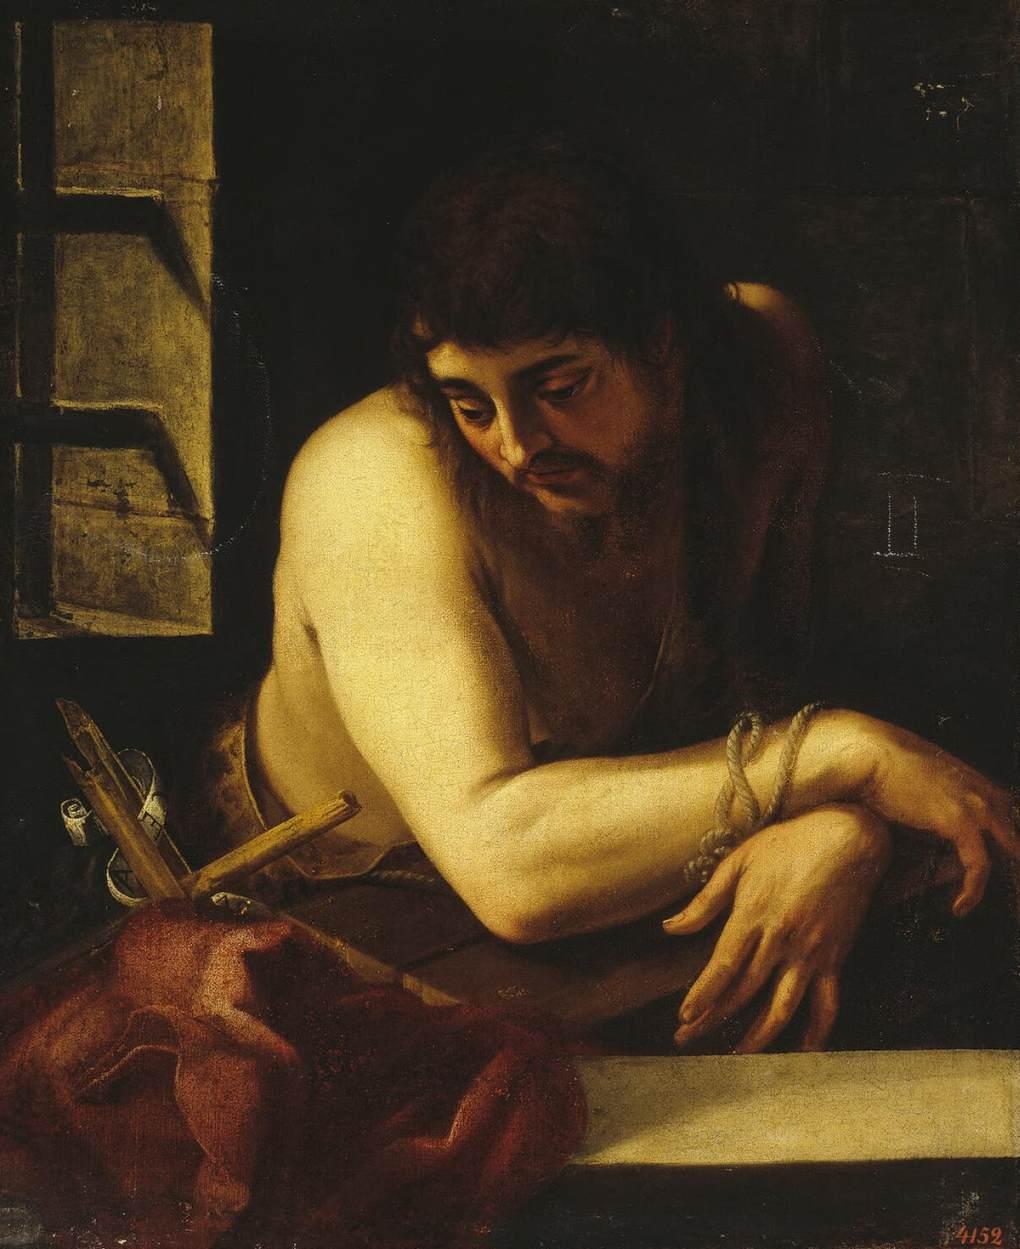 John Baptist in Prision